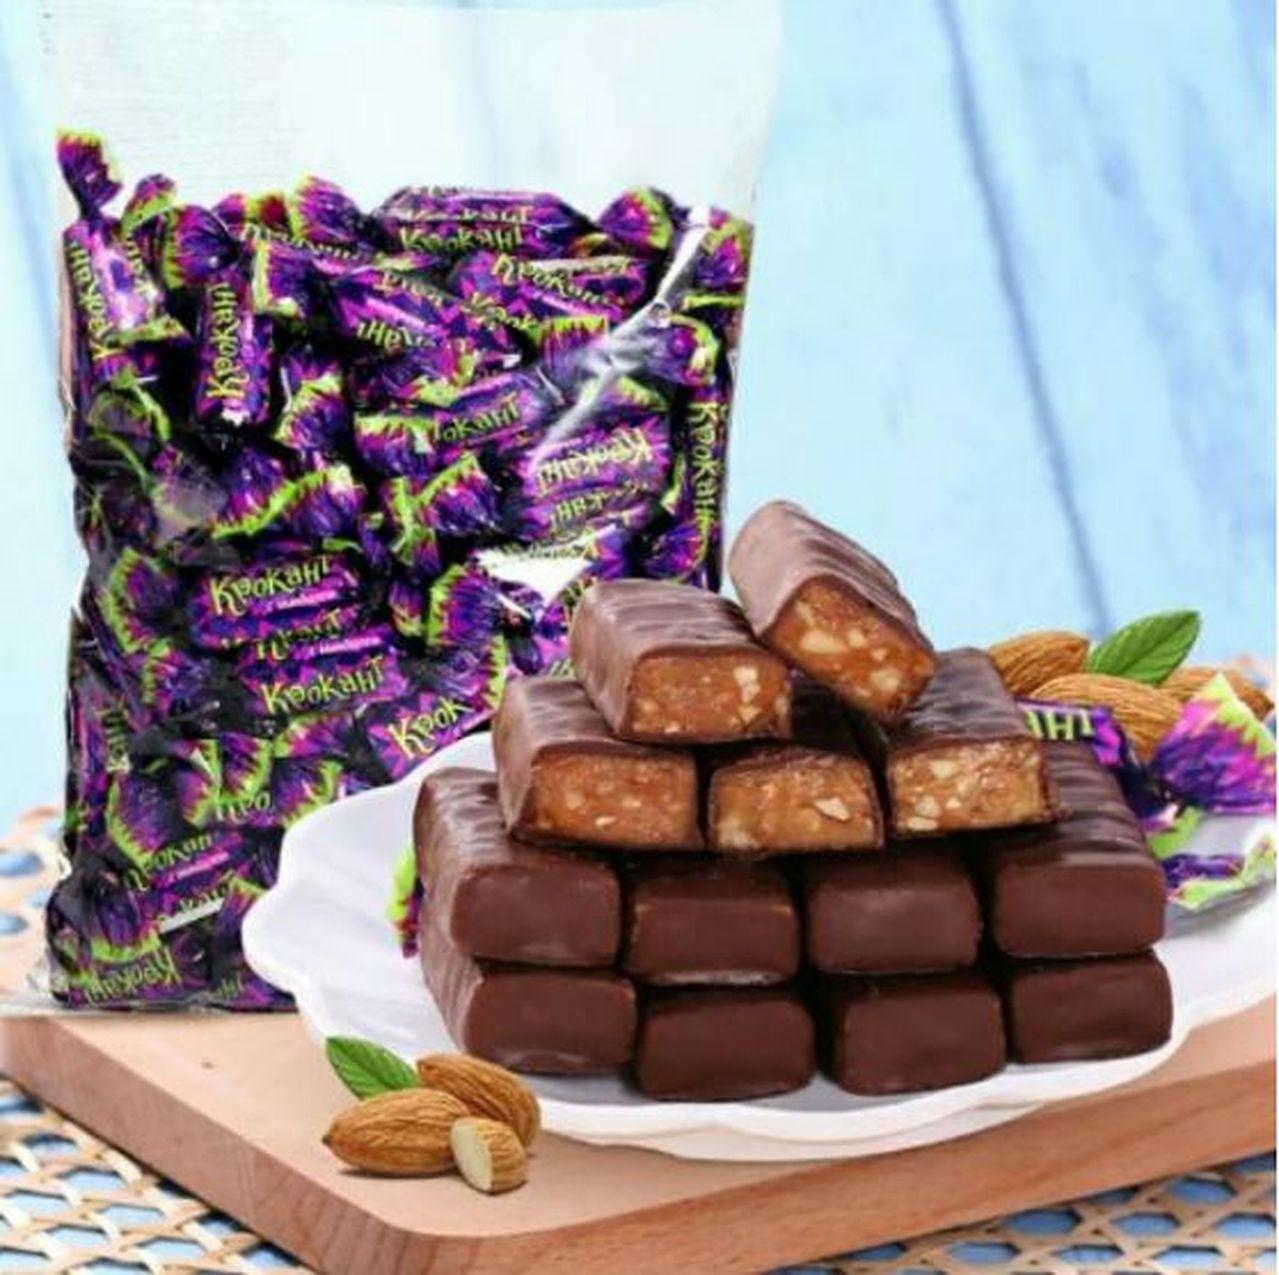 爆款「紫皮糖」 見證中俄貿易發展 (取材自淘寶網)